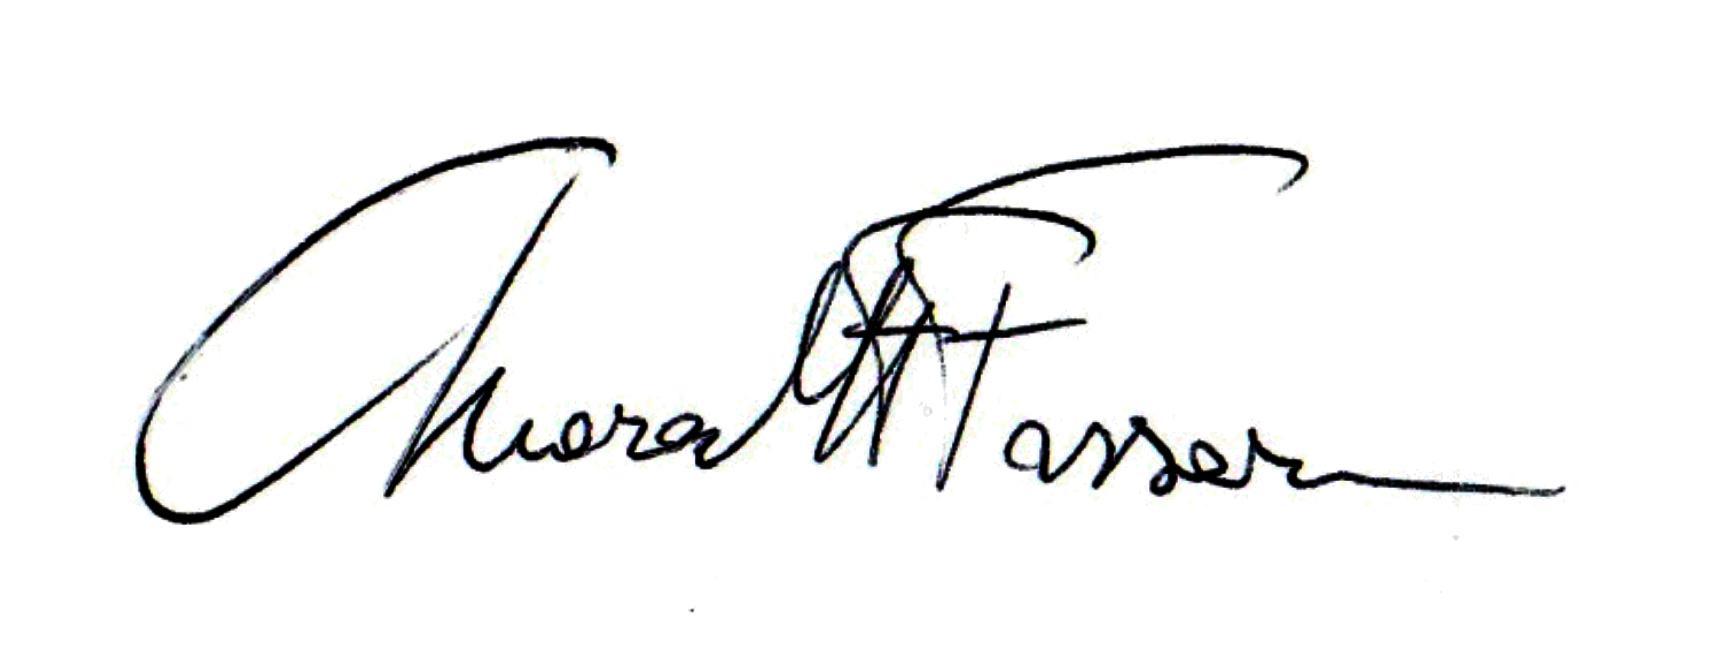 Chiara Fassari Signature